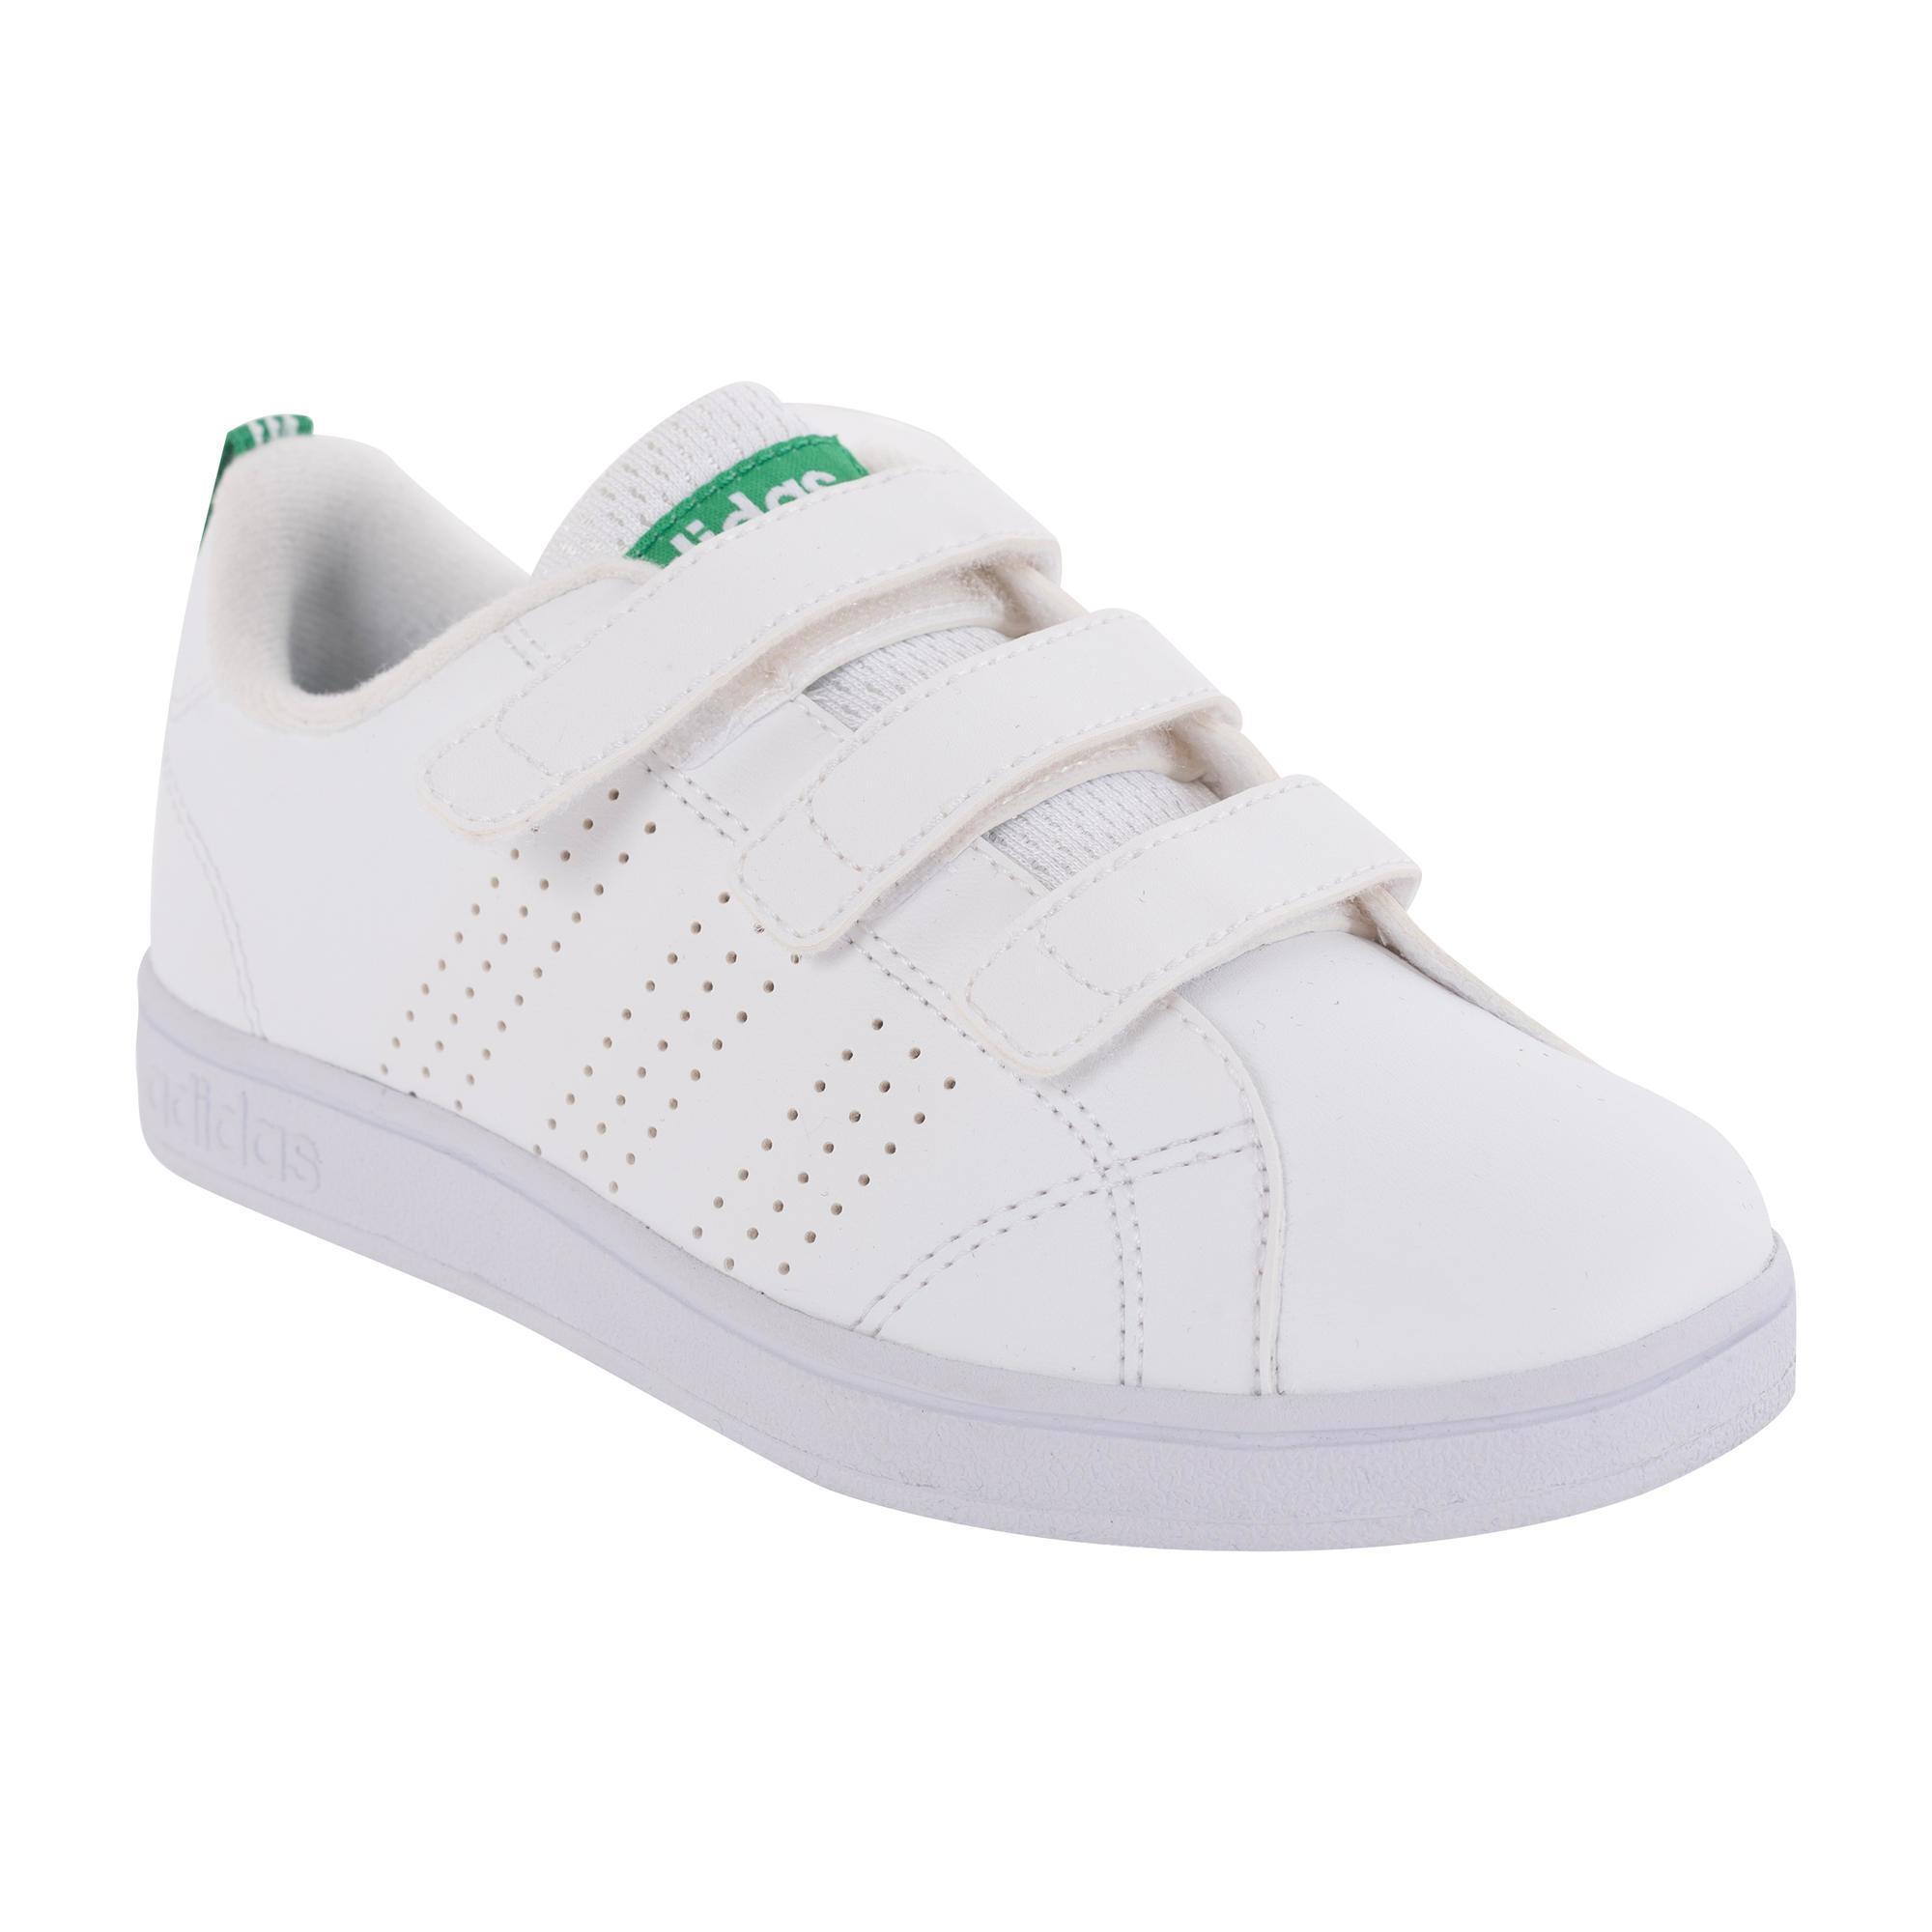 adidas neo blanche scratch pour des sorties bon marché